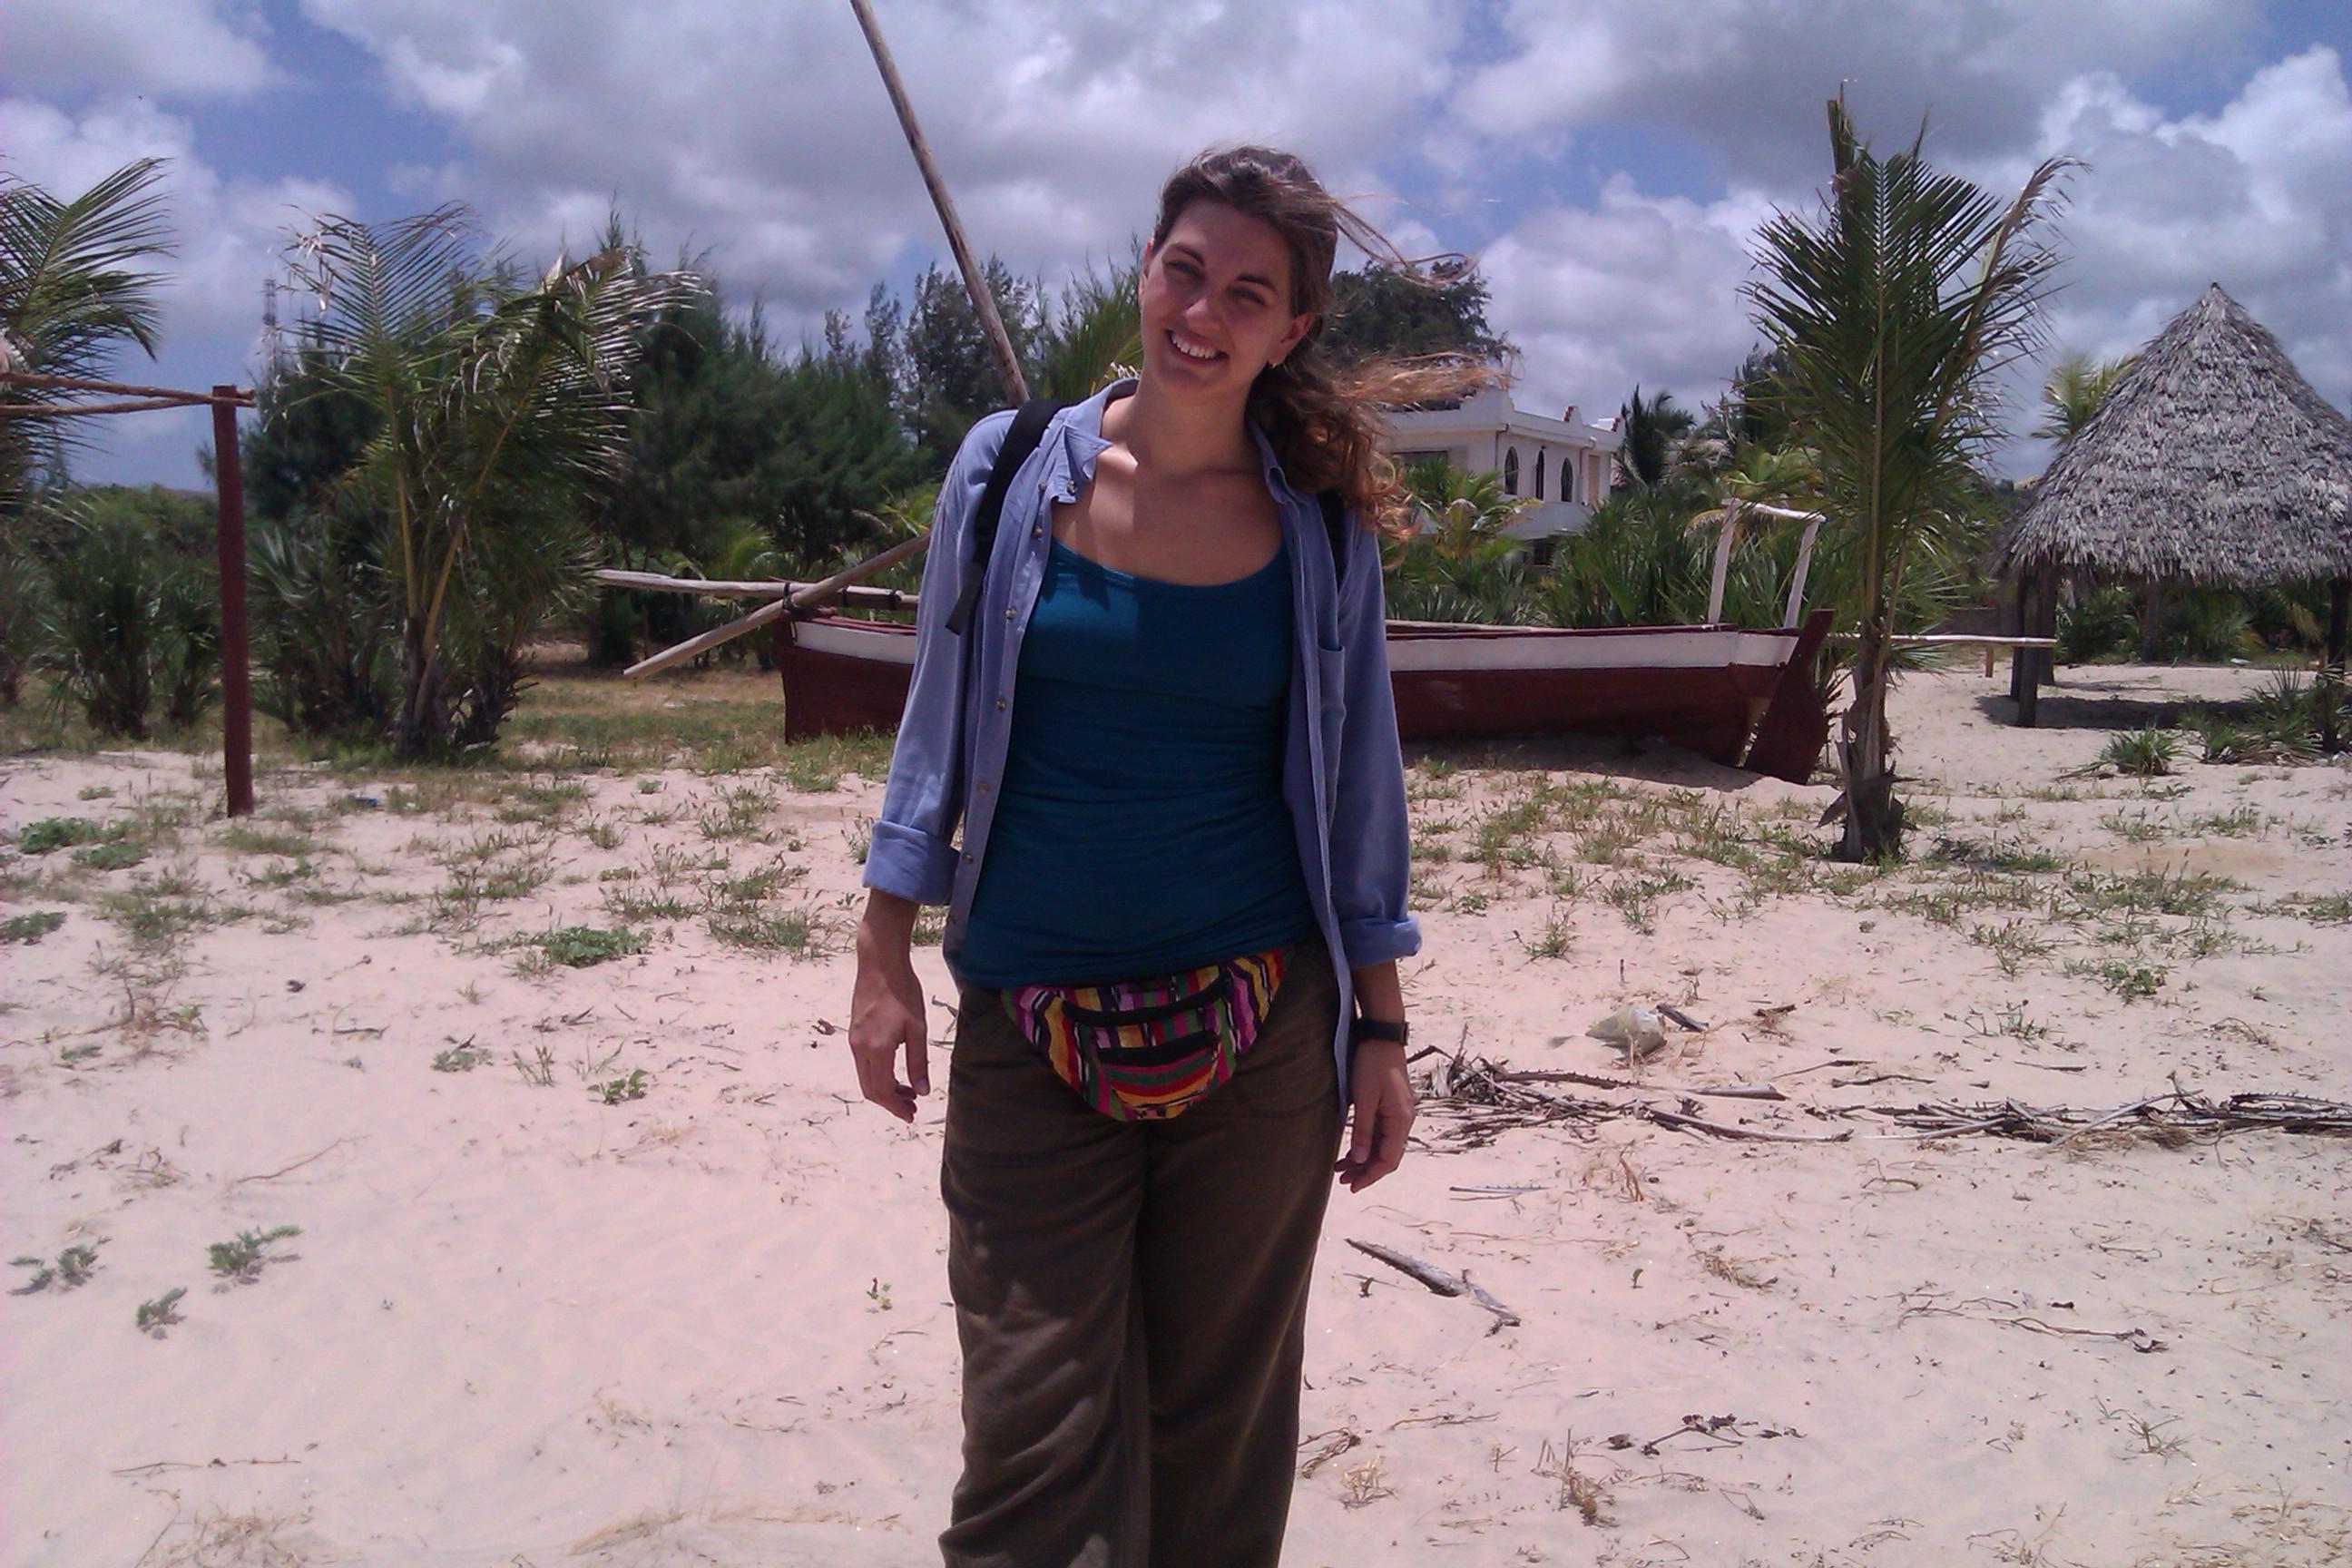 rominitaviajera con su riñonera en Kenia, 2012 | rominitaviajera.com